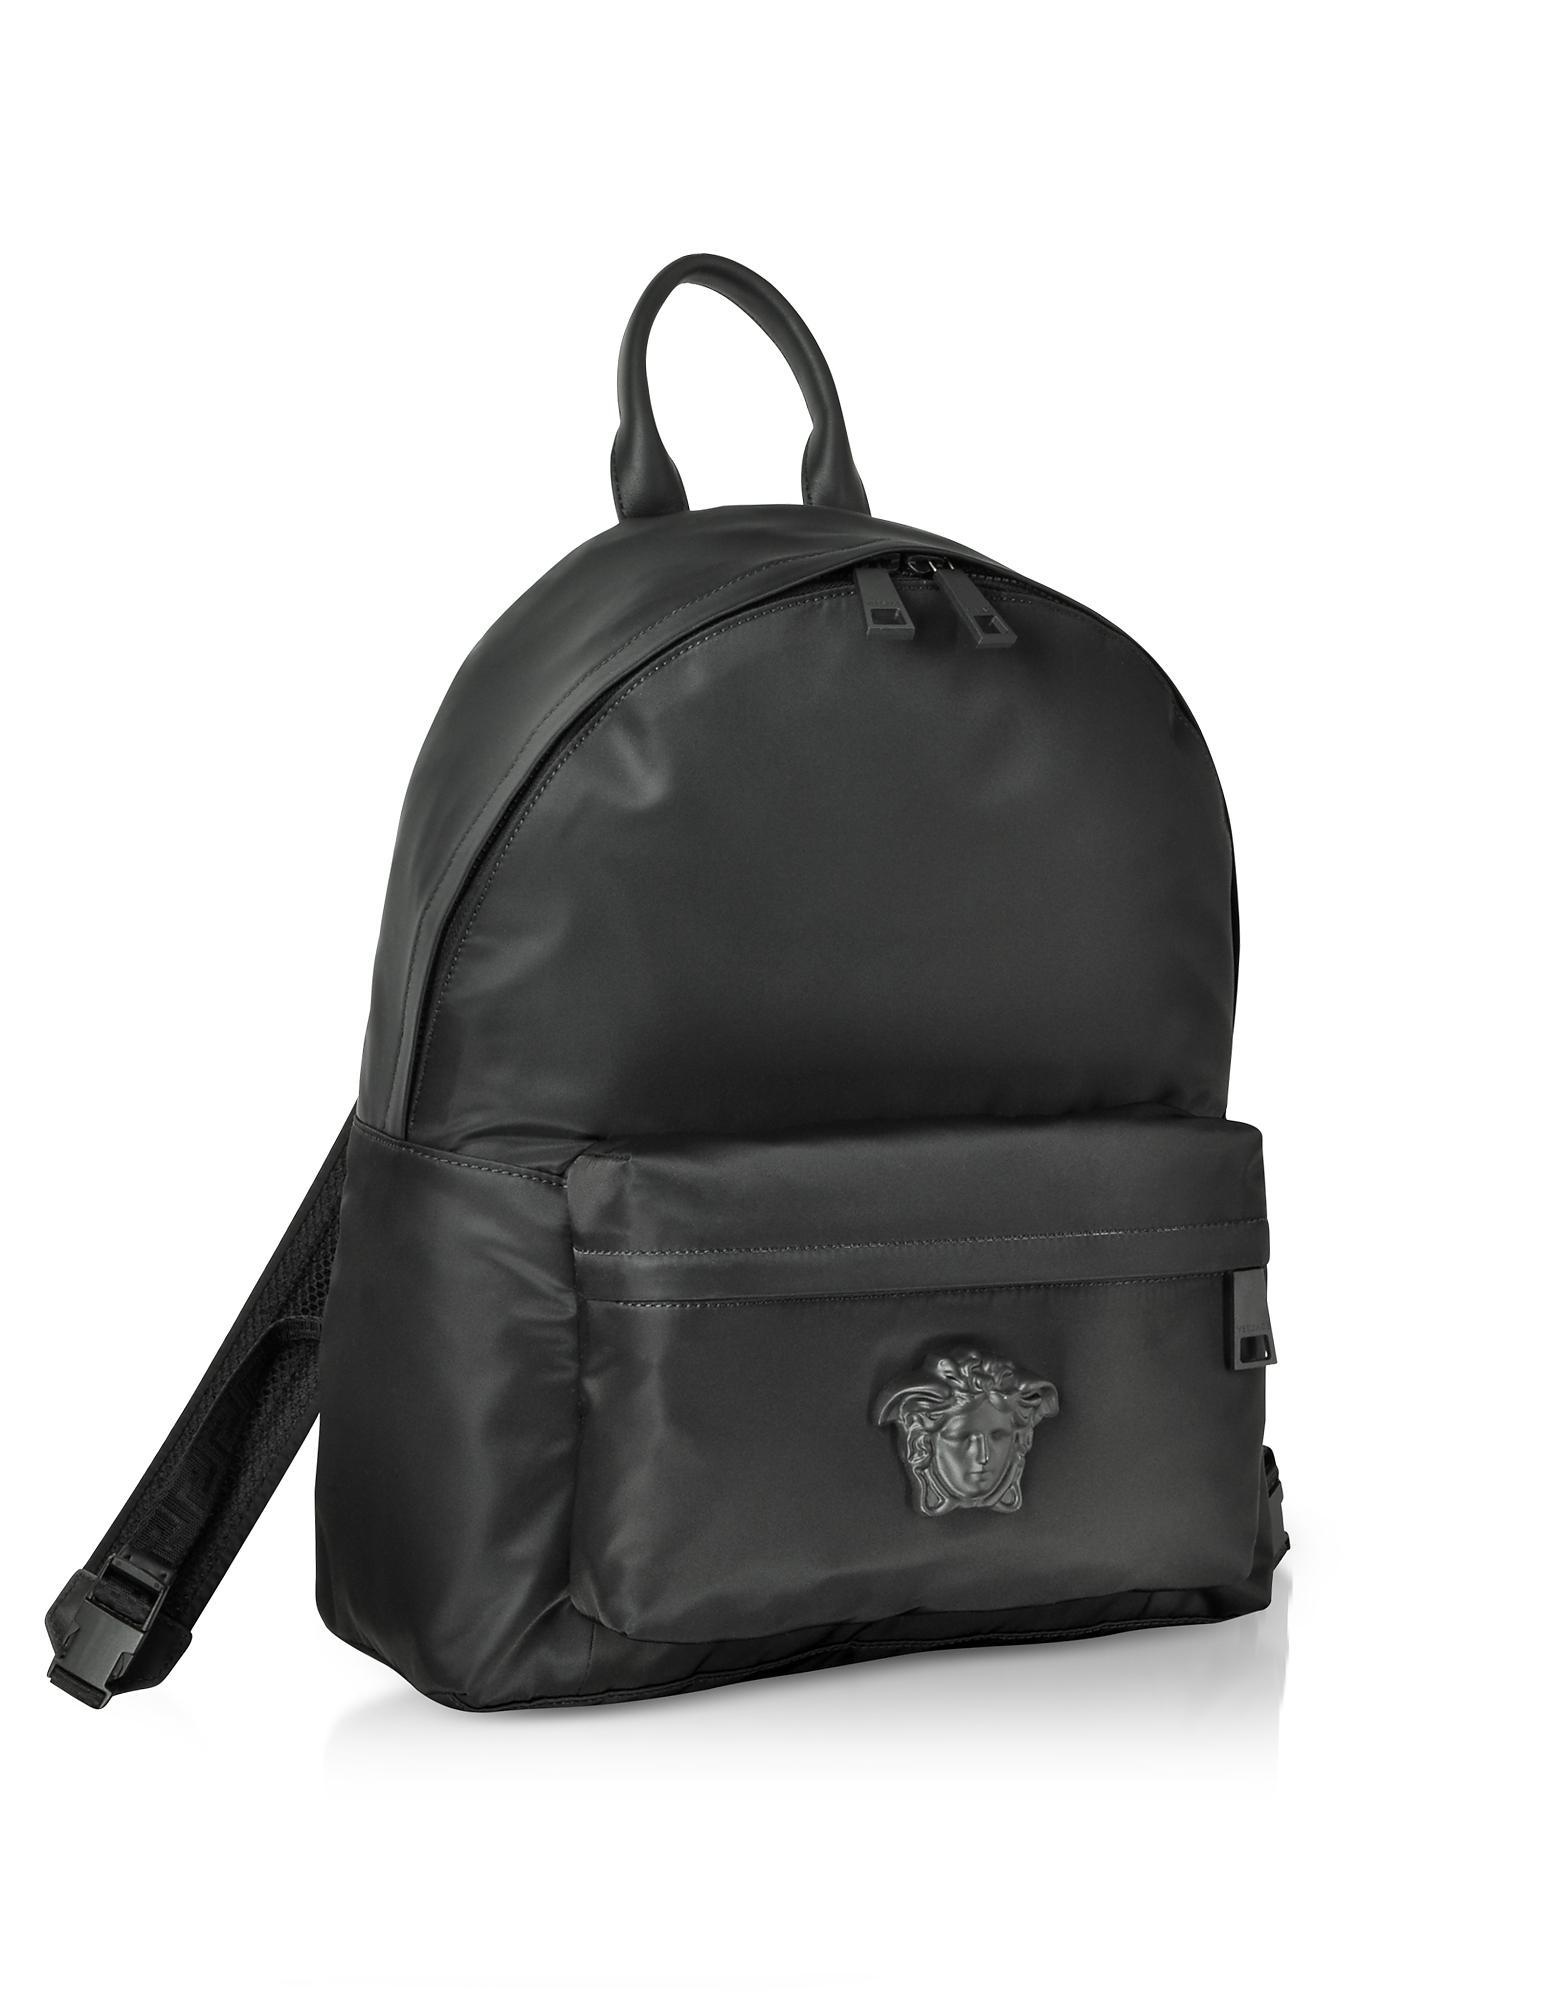 751f031845 Versace Black Nylon Medusa Head Men s Backpack in Black for Men - Lyst